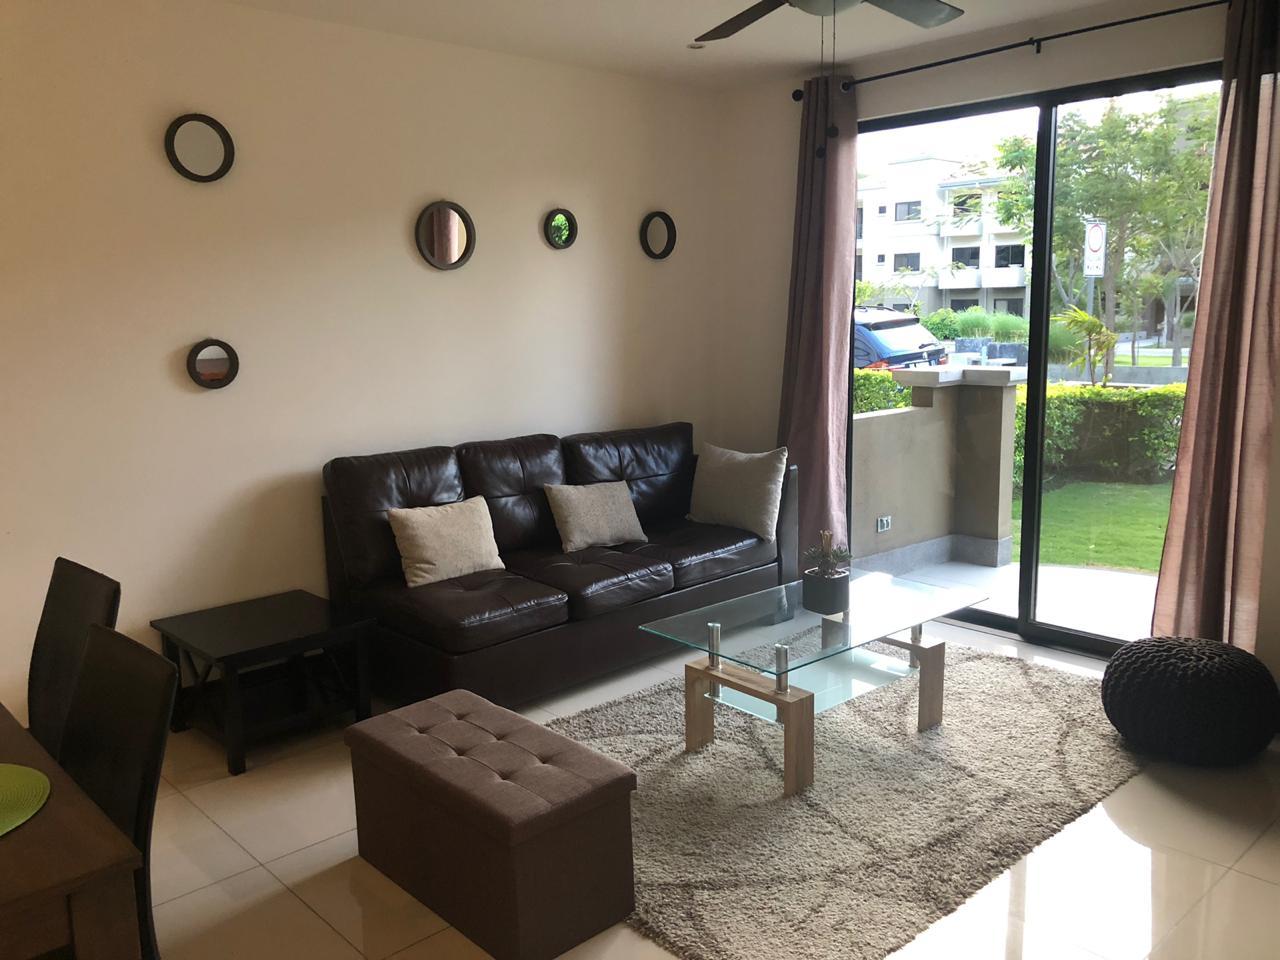 2451 Apartment with furniture, inside Condominium, Santa Ana